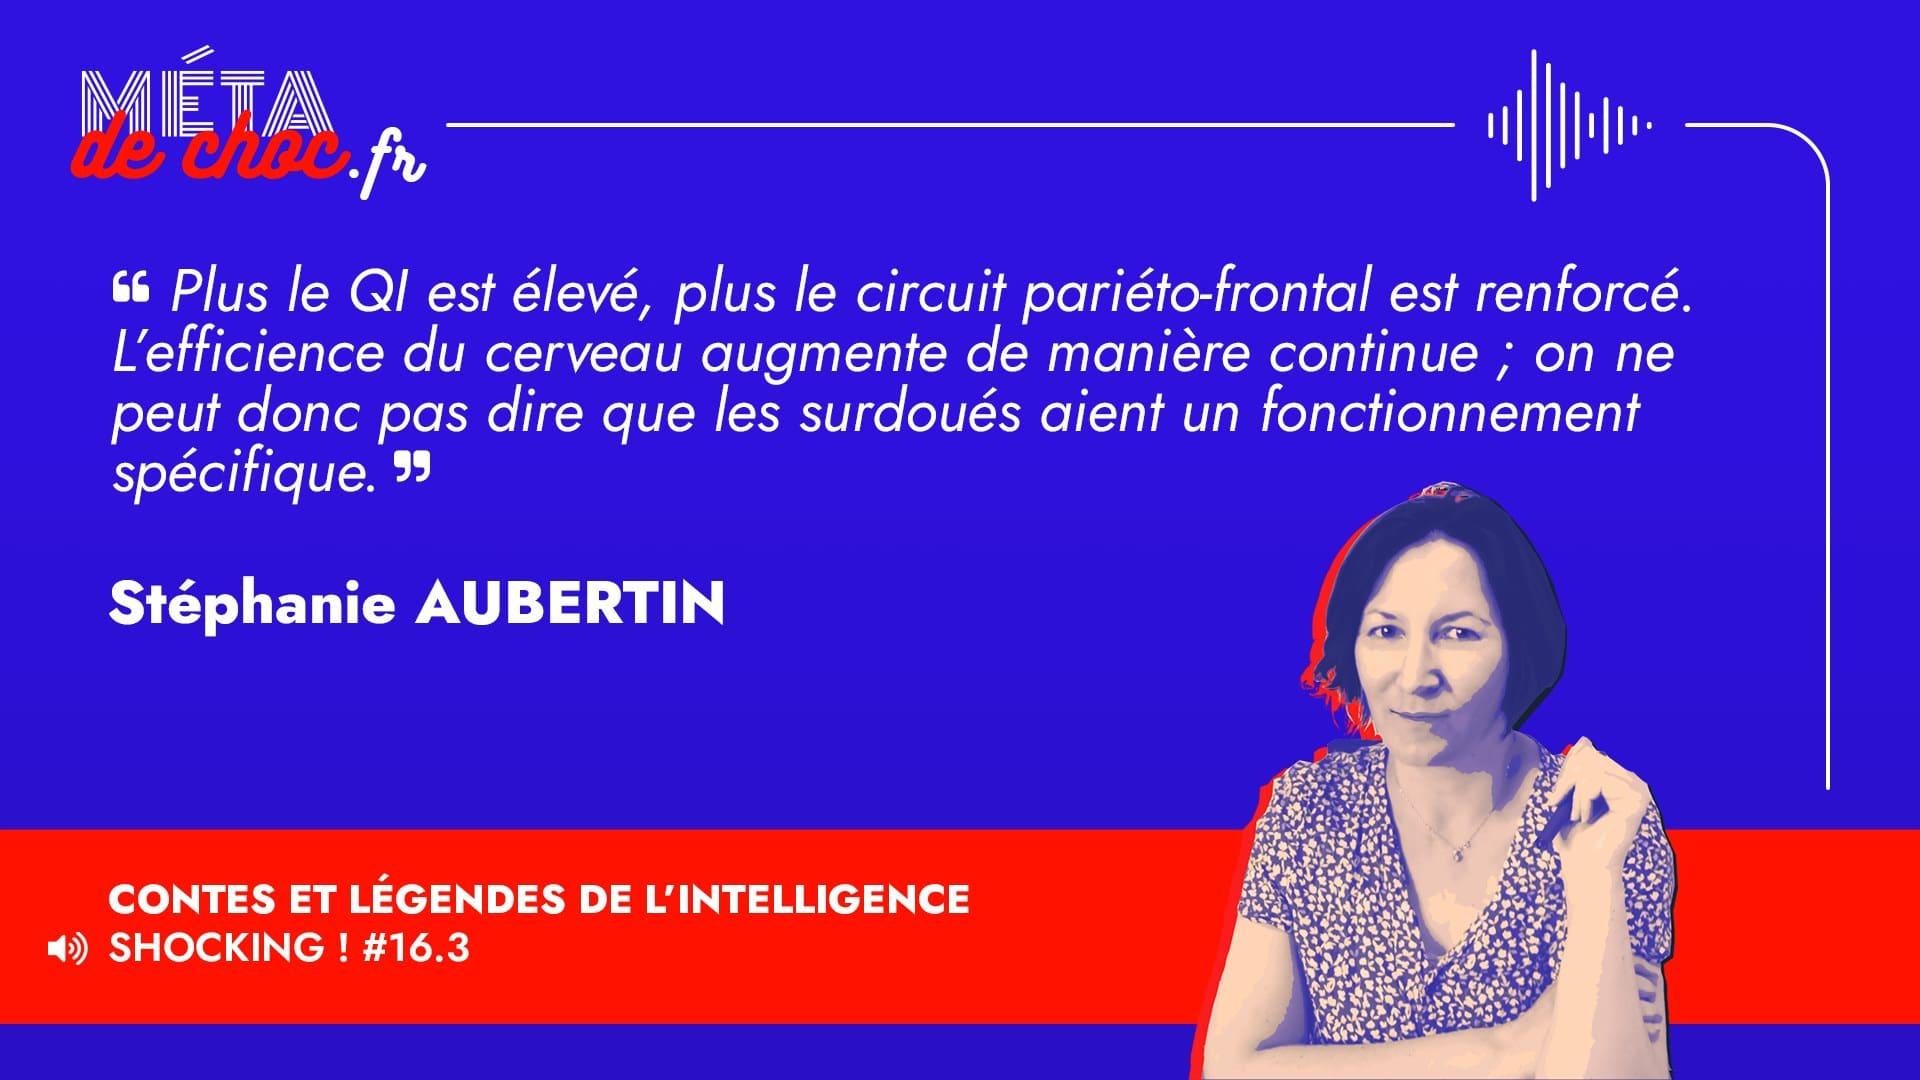 Thème du mème :  | Citation :  | Auteur.rice : Stéphanie Aubertin | Émission : Contes et légendes de l'intelligence | Image d'illustration :